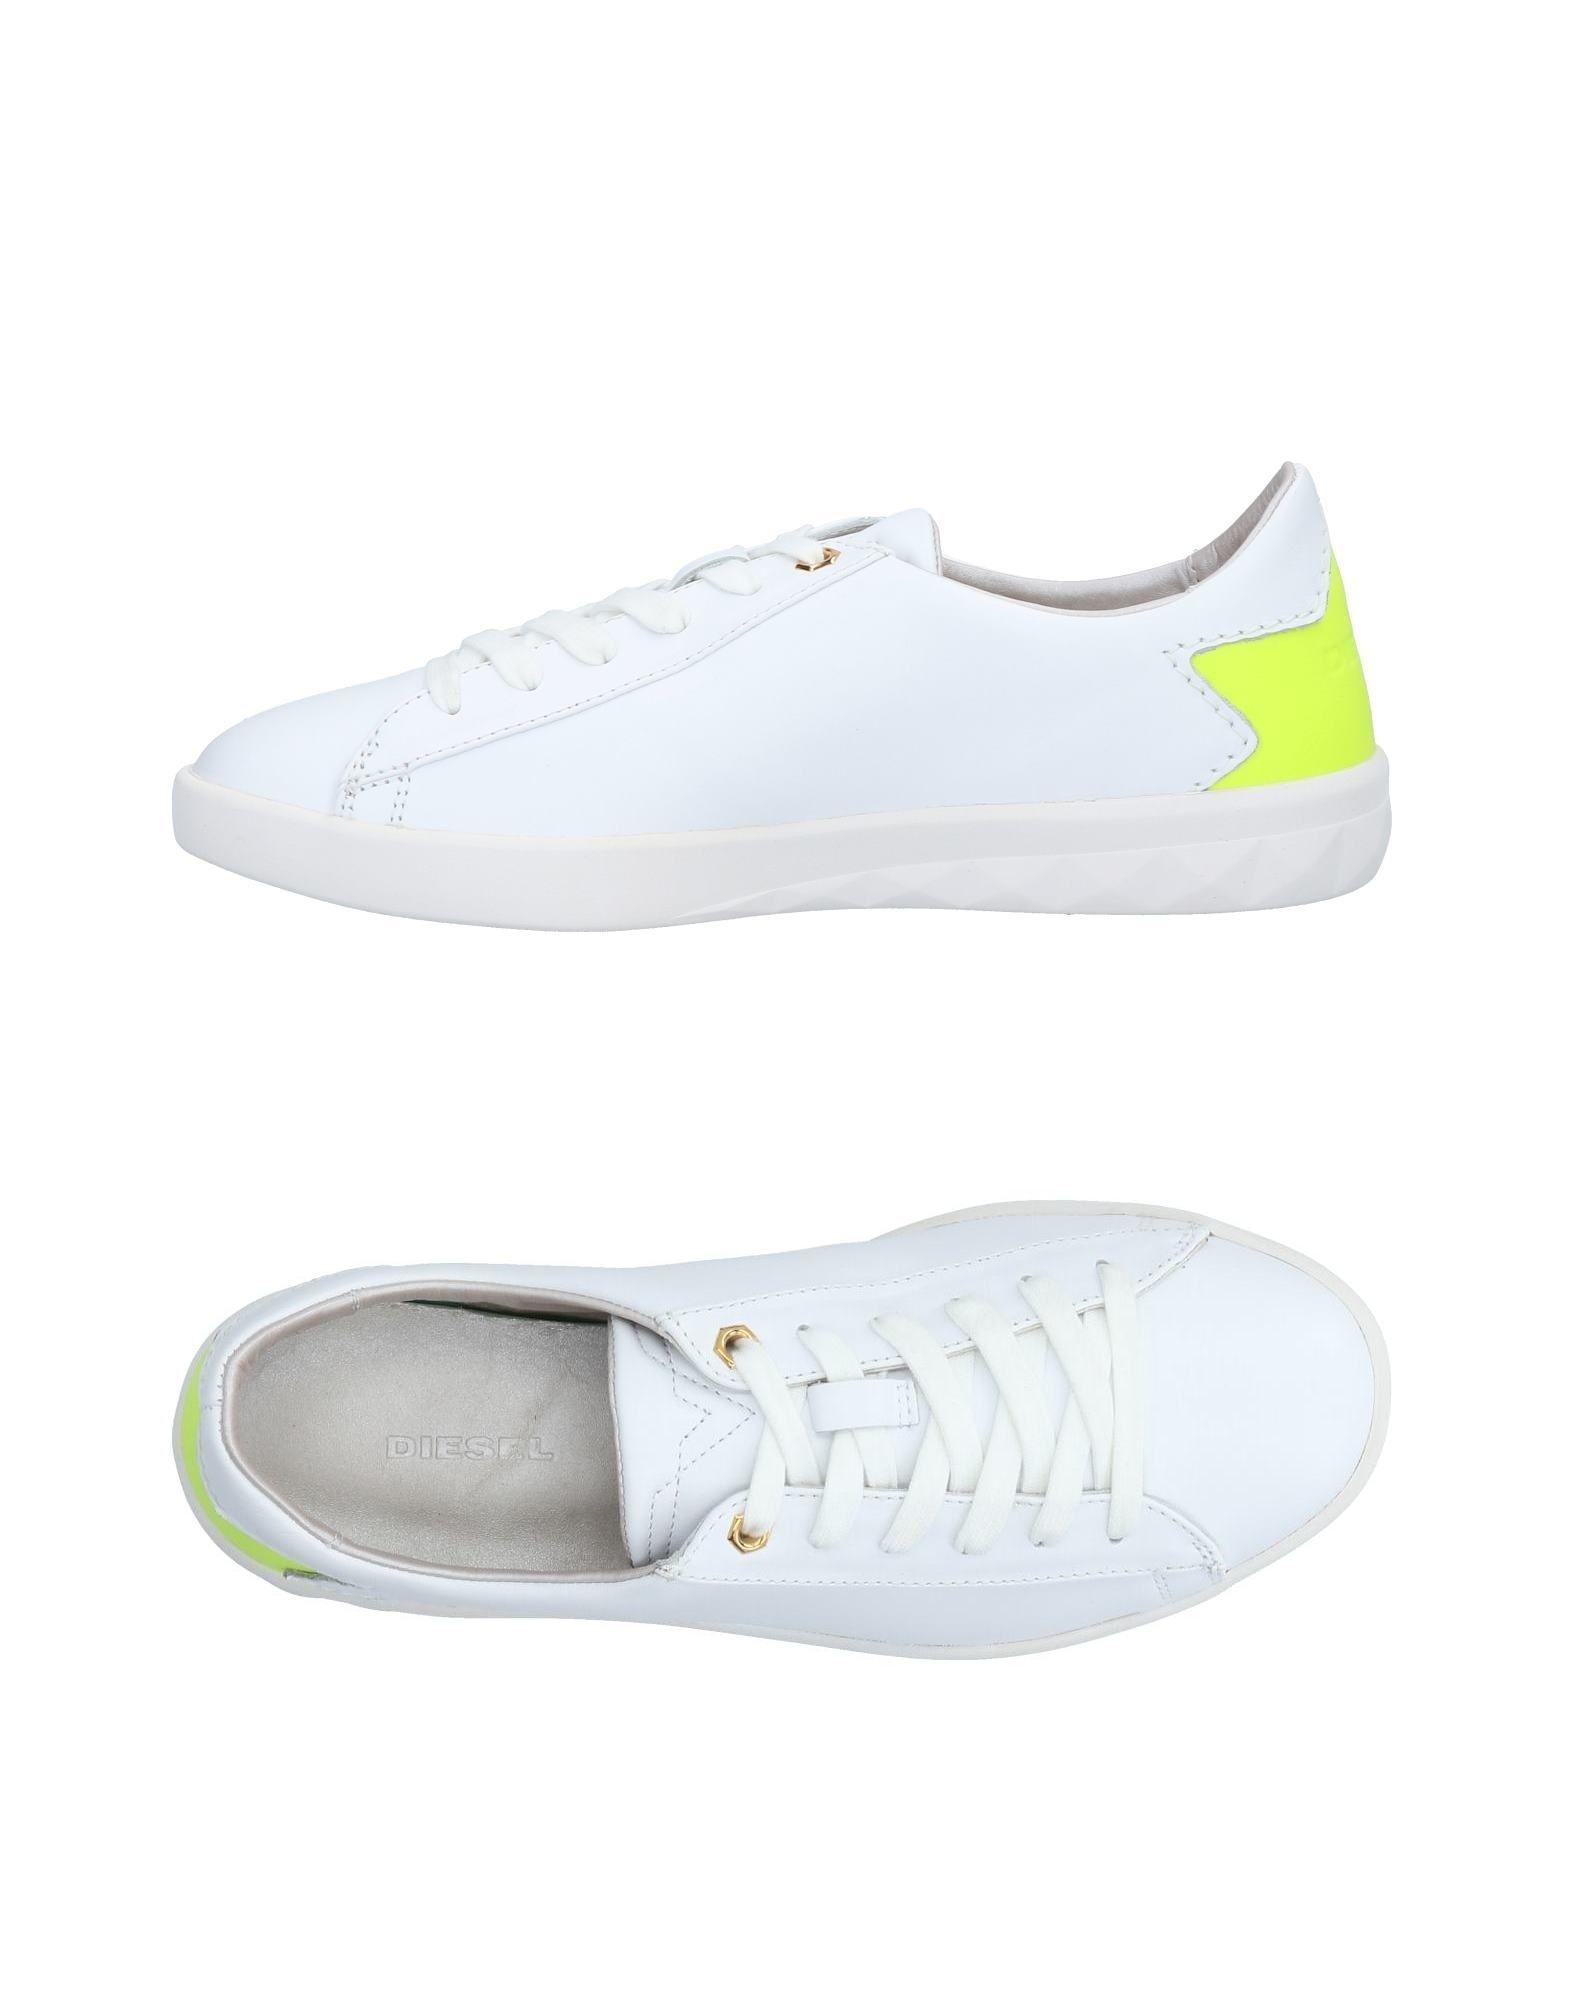 Diesel Sneakers Damen  11491423BQ Gute Qualität beliebte Schuhe